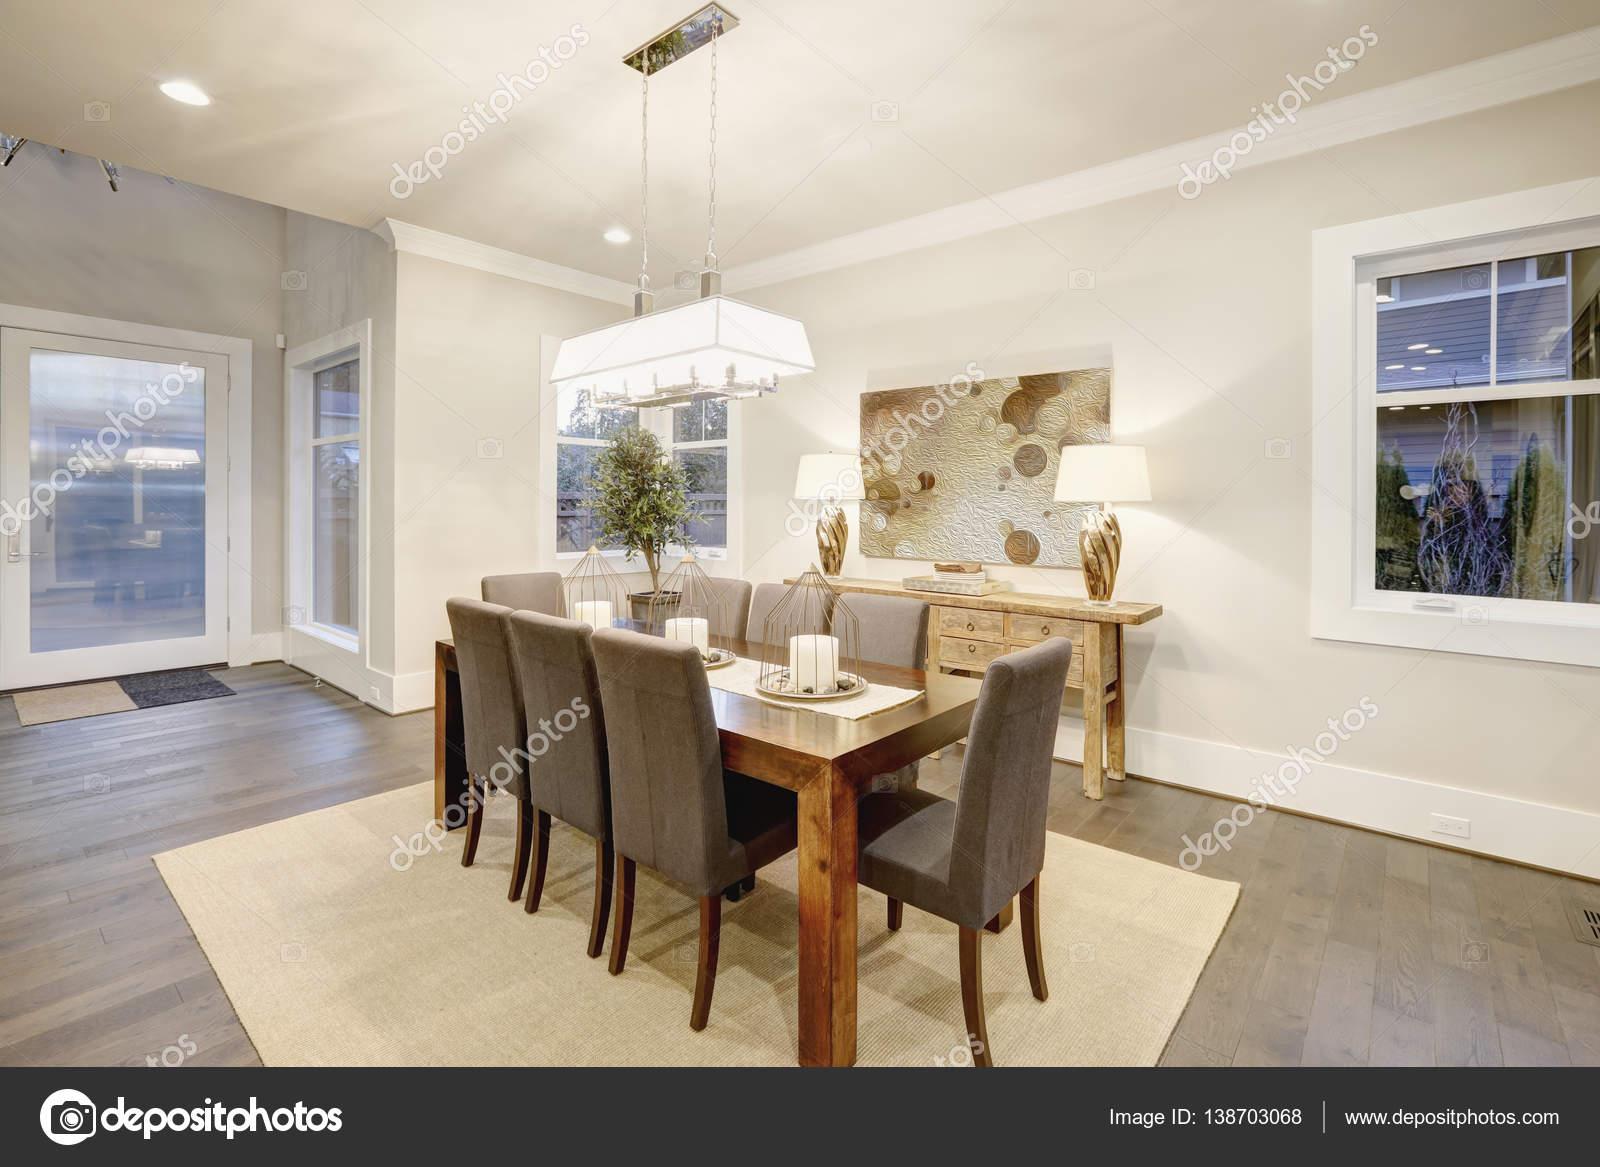 Prachtige eetkamer met rechthoekige tuinset grijs u stockfoto